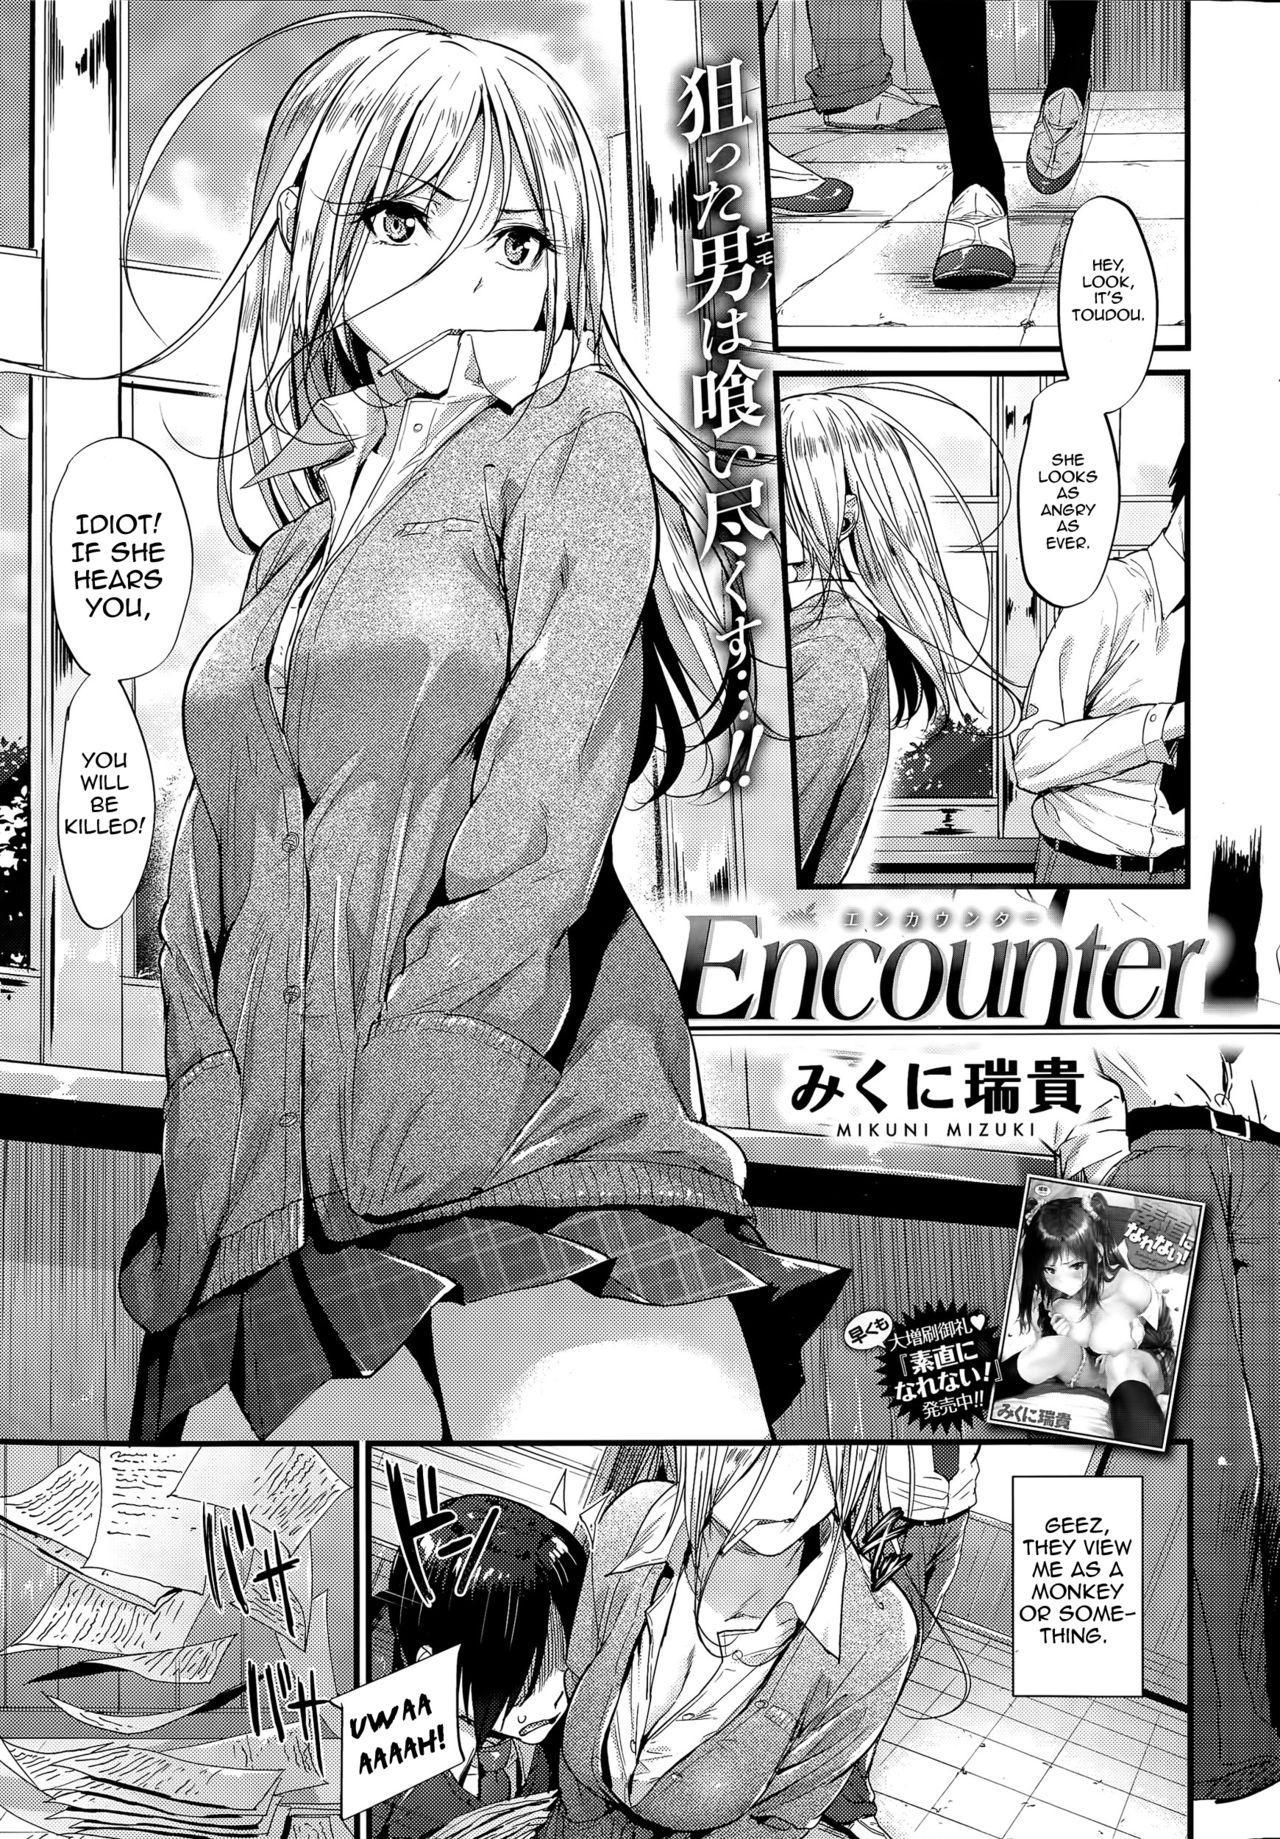 Encounter + Encounter Sonogo 0